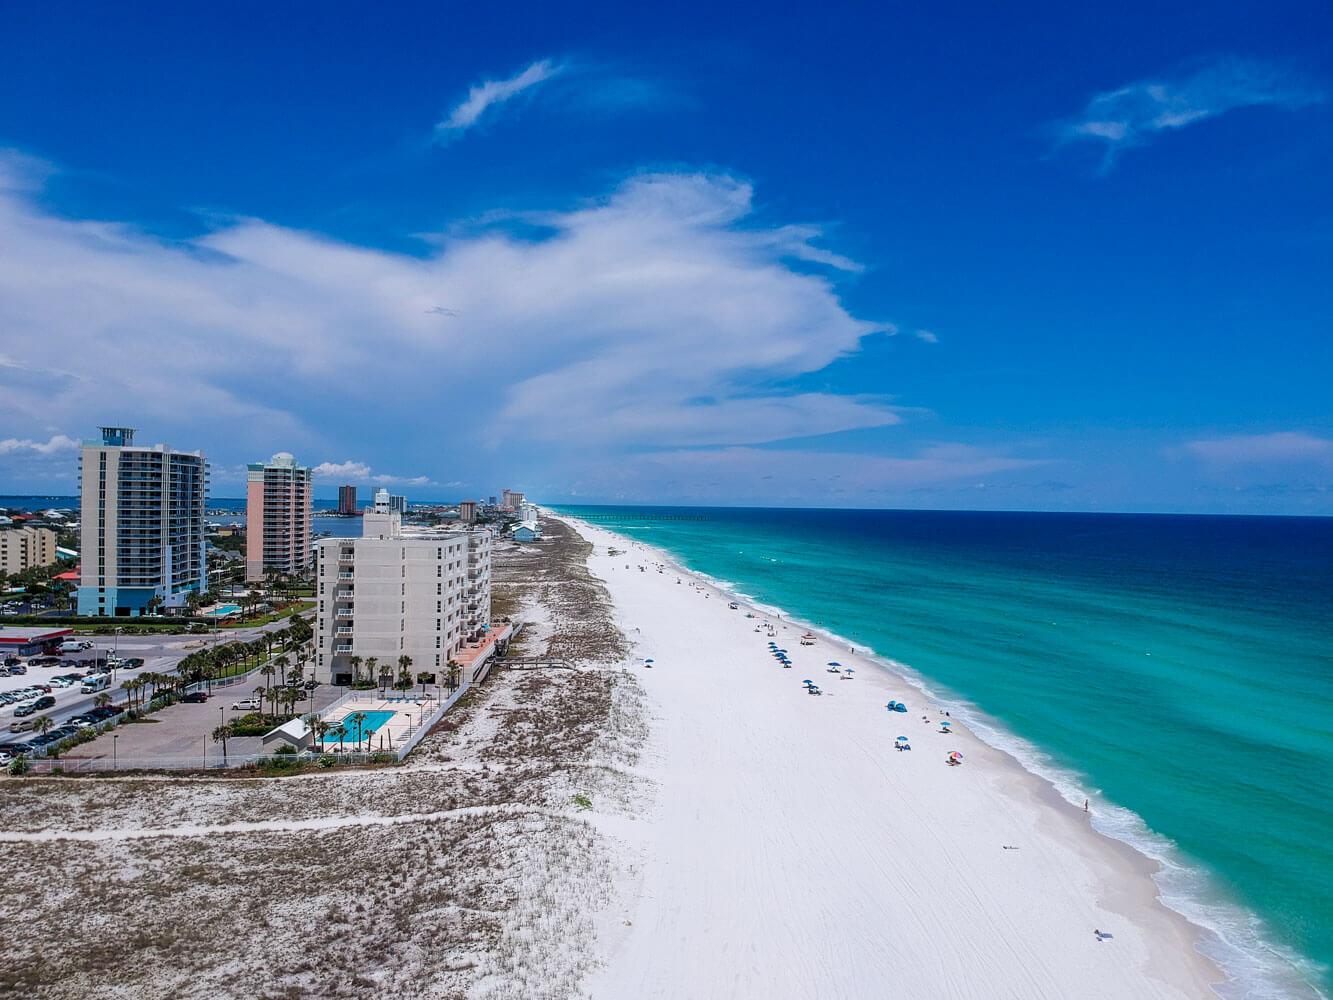 Florida Sehenswürdigkeiten - Unsere Florida Rundreise